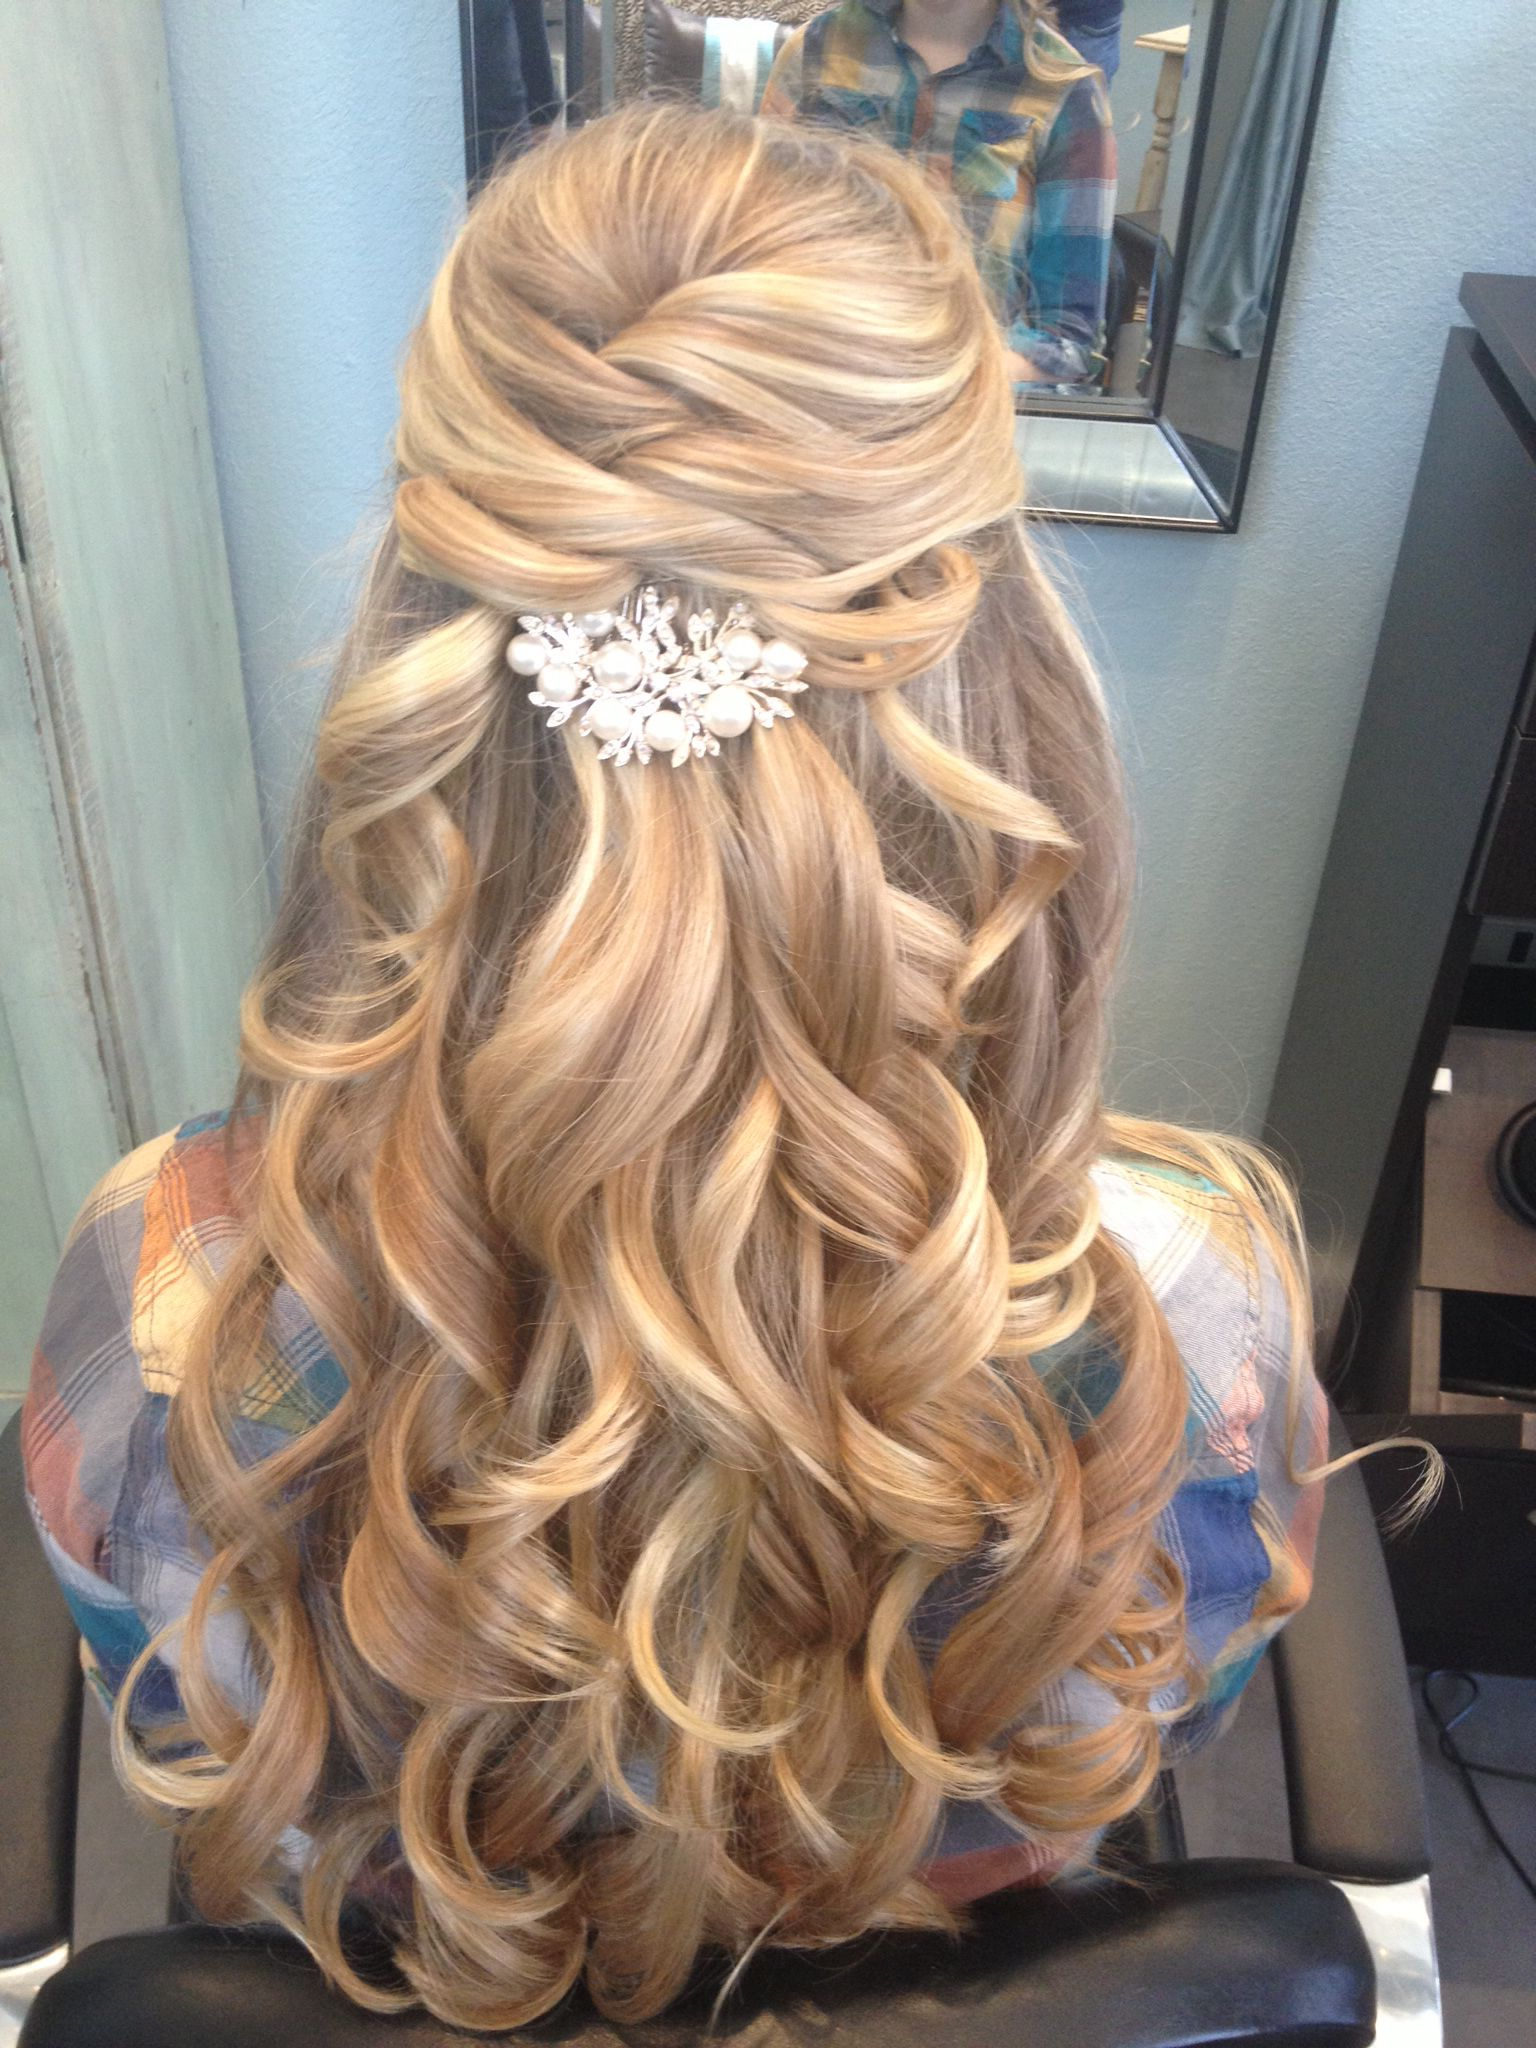 penteados para noivas cabelos longos e soltos Prom Prom hair